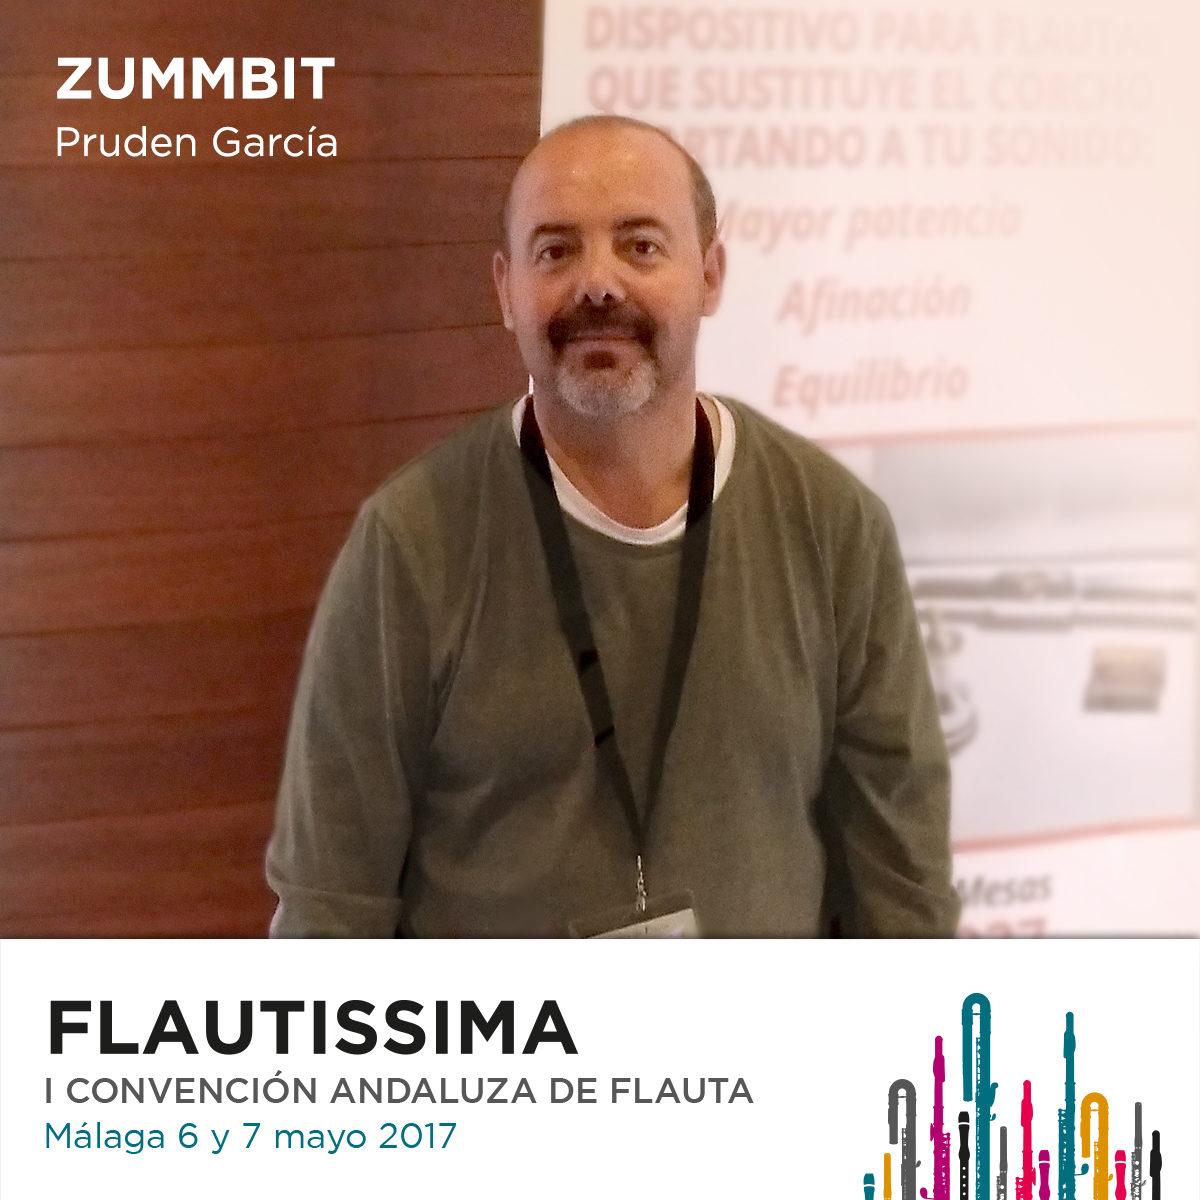 Zummbit Pruden García Flautissima